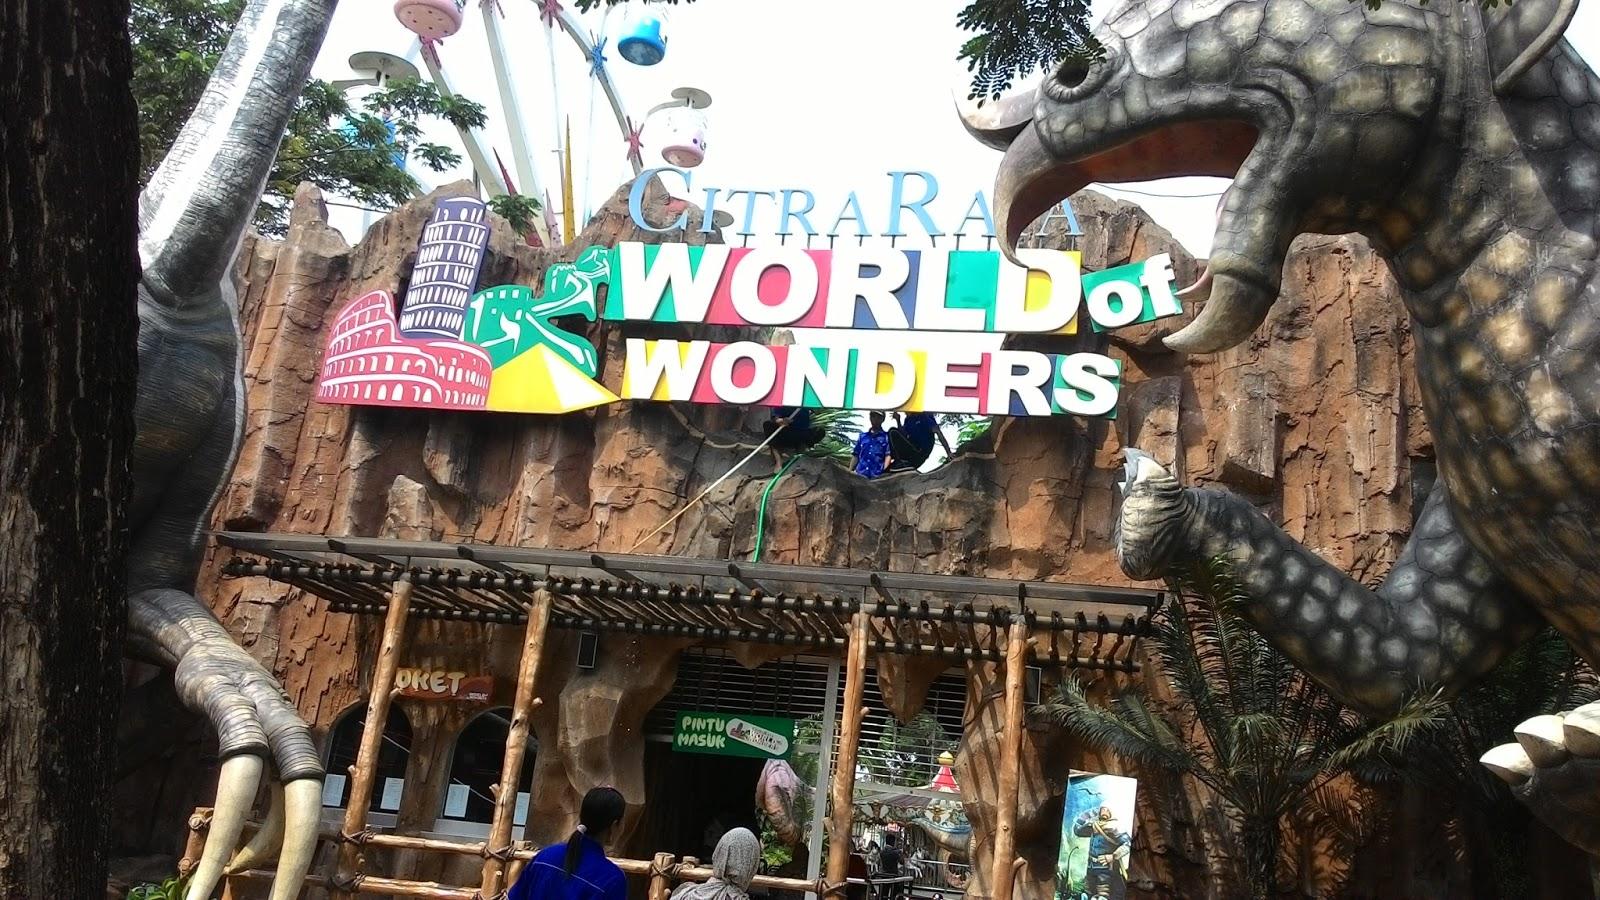 Review Wisata Citra Raya Water World Citraraya Wonders Tangerang Theme